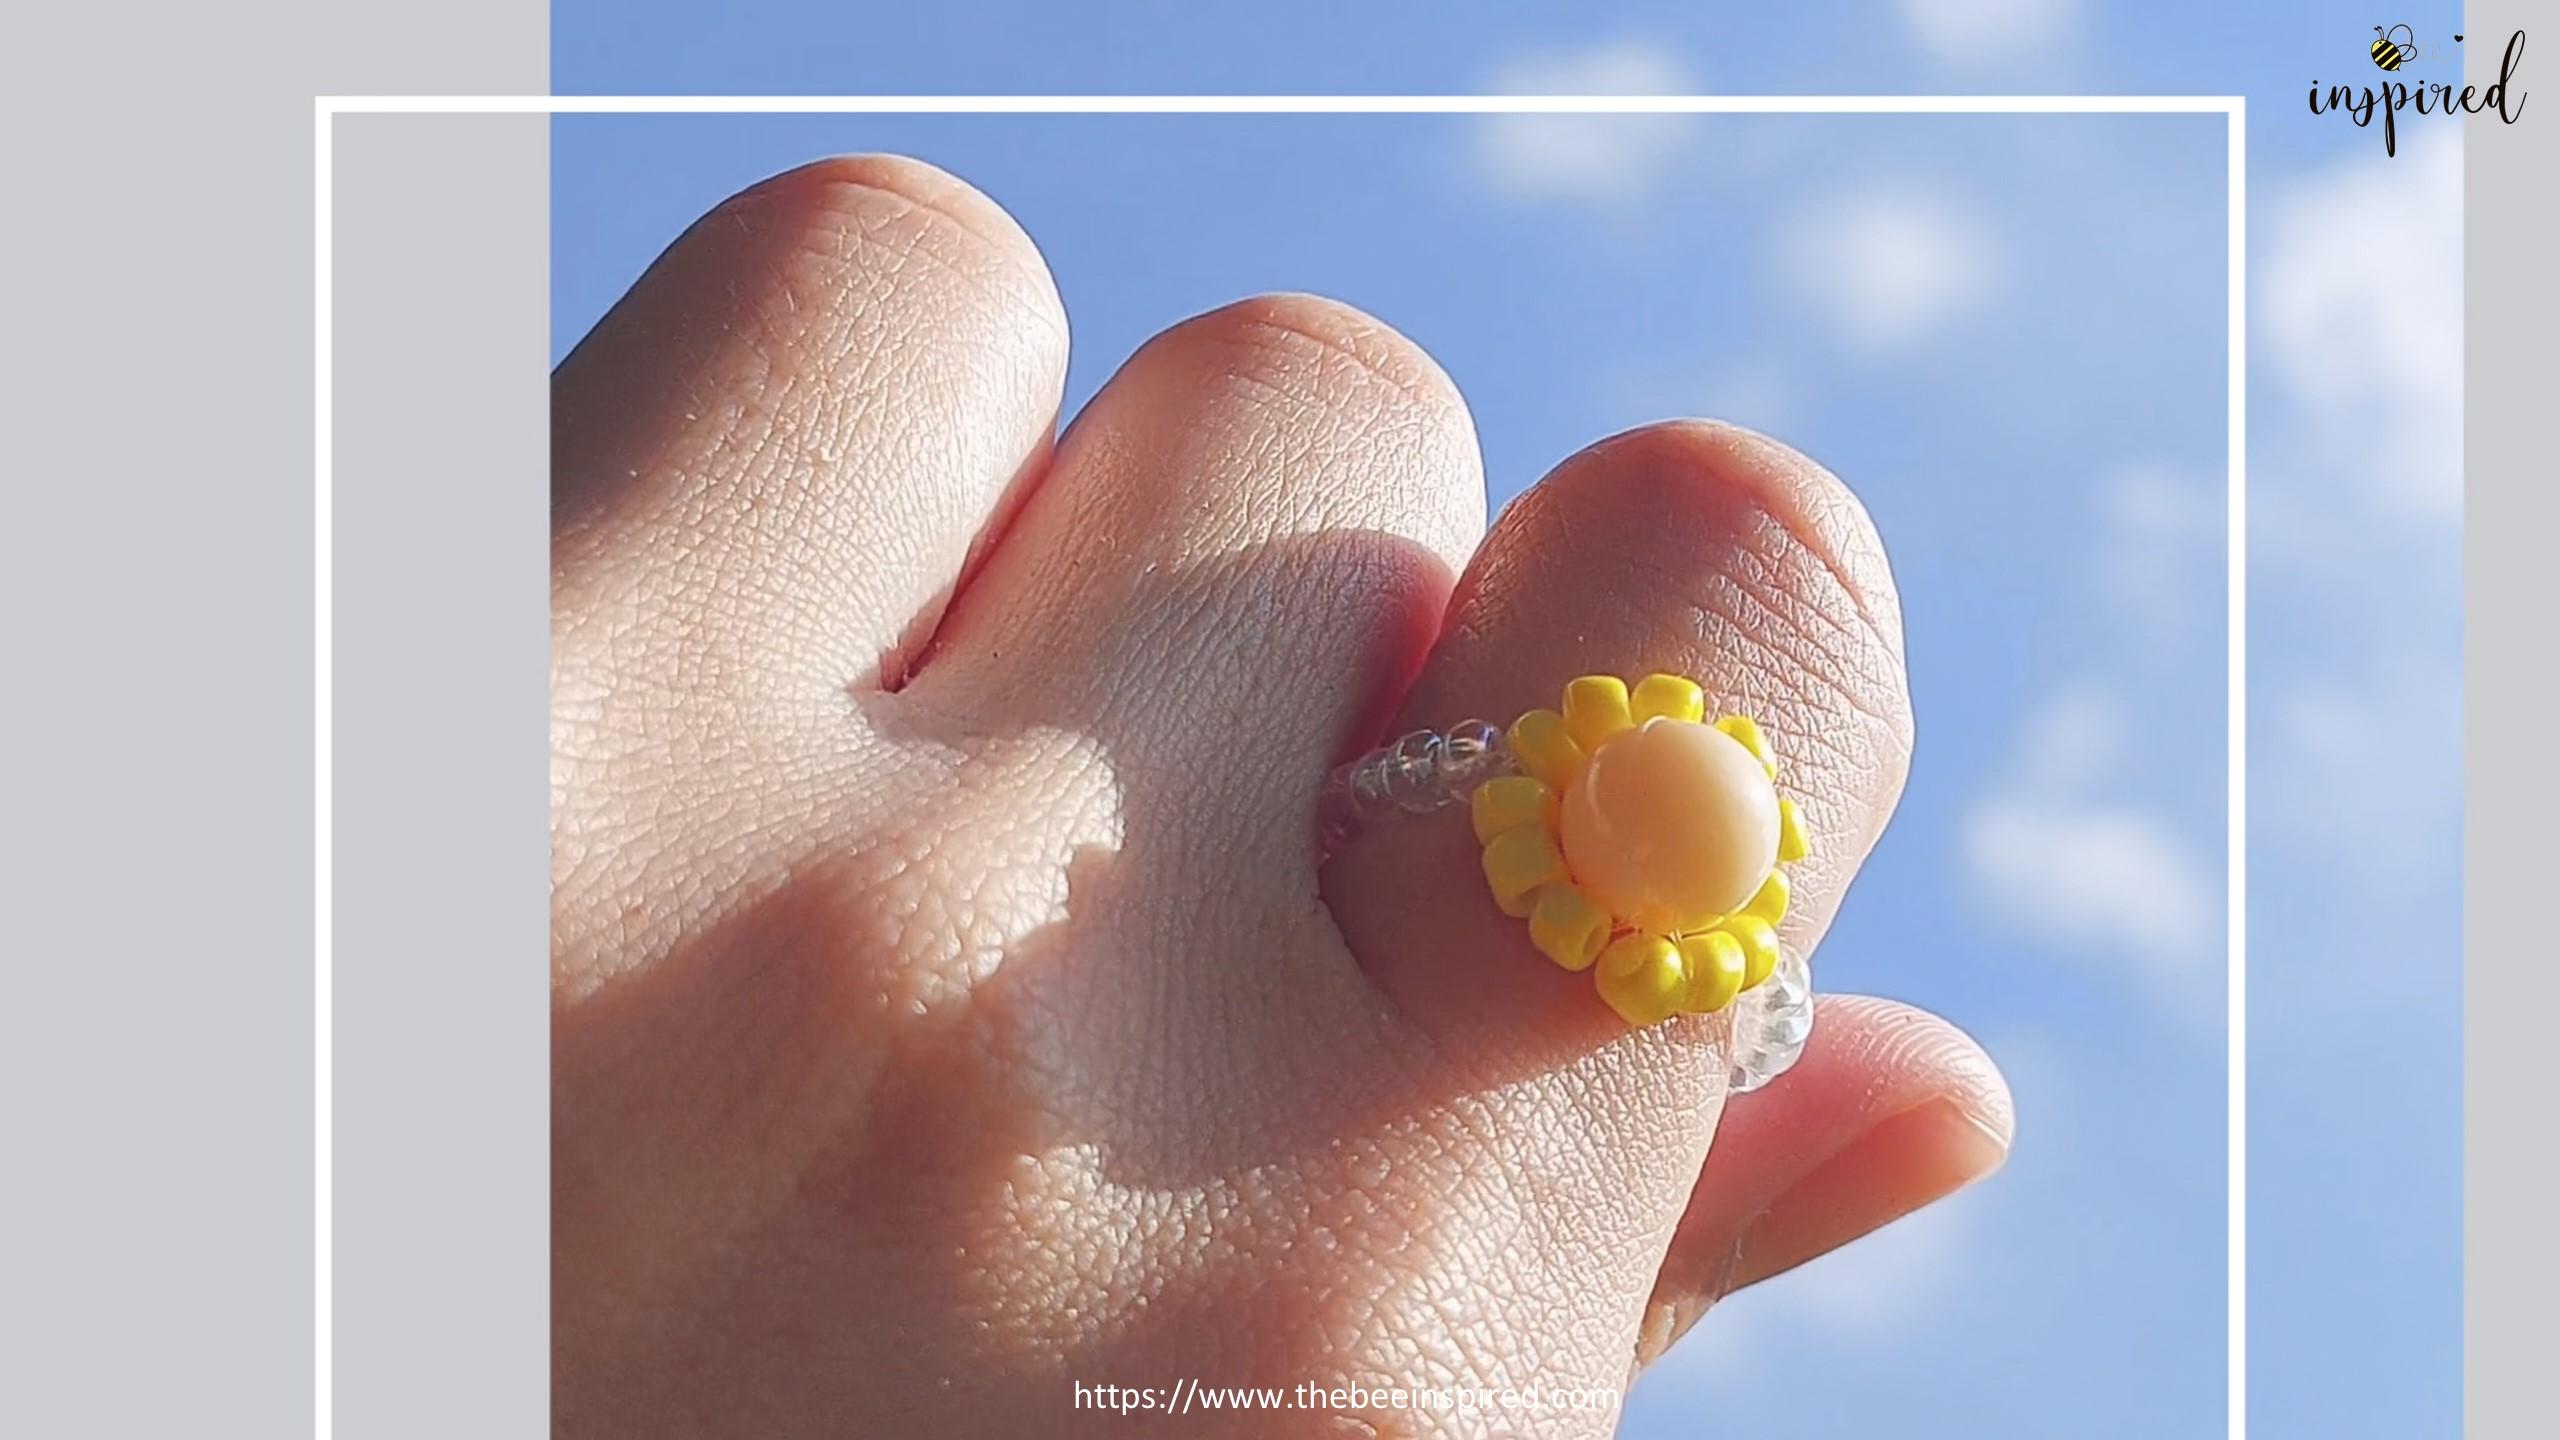 สอนร้อยแหวนลูกปัดดอกทานตะวัน ทำง่ายๆ สไตล์เกาหลี - How to Make Sunflower Beaded Ring_23